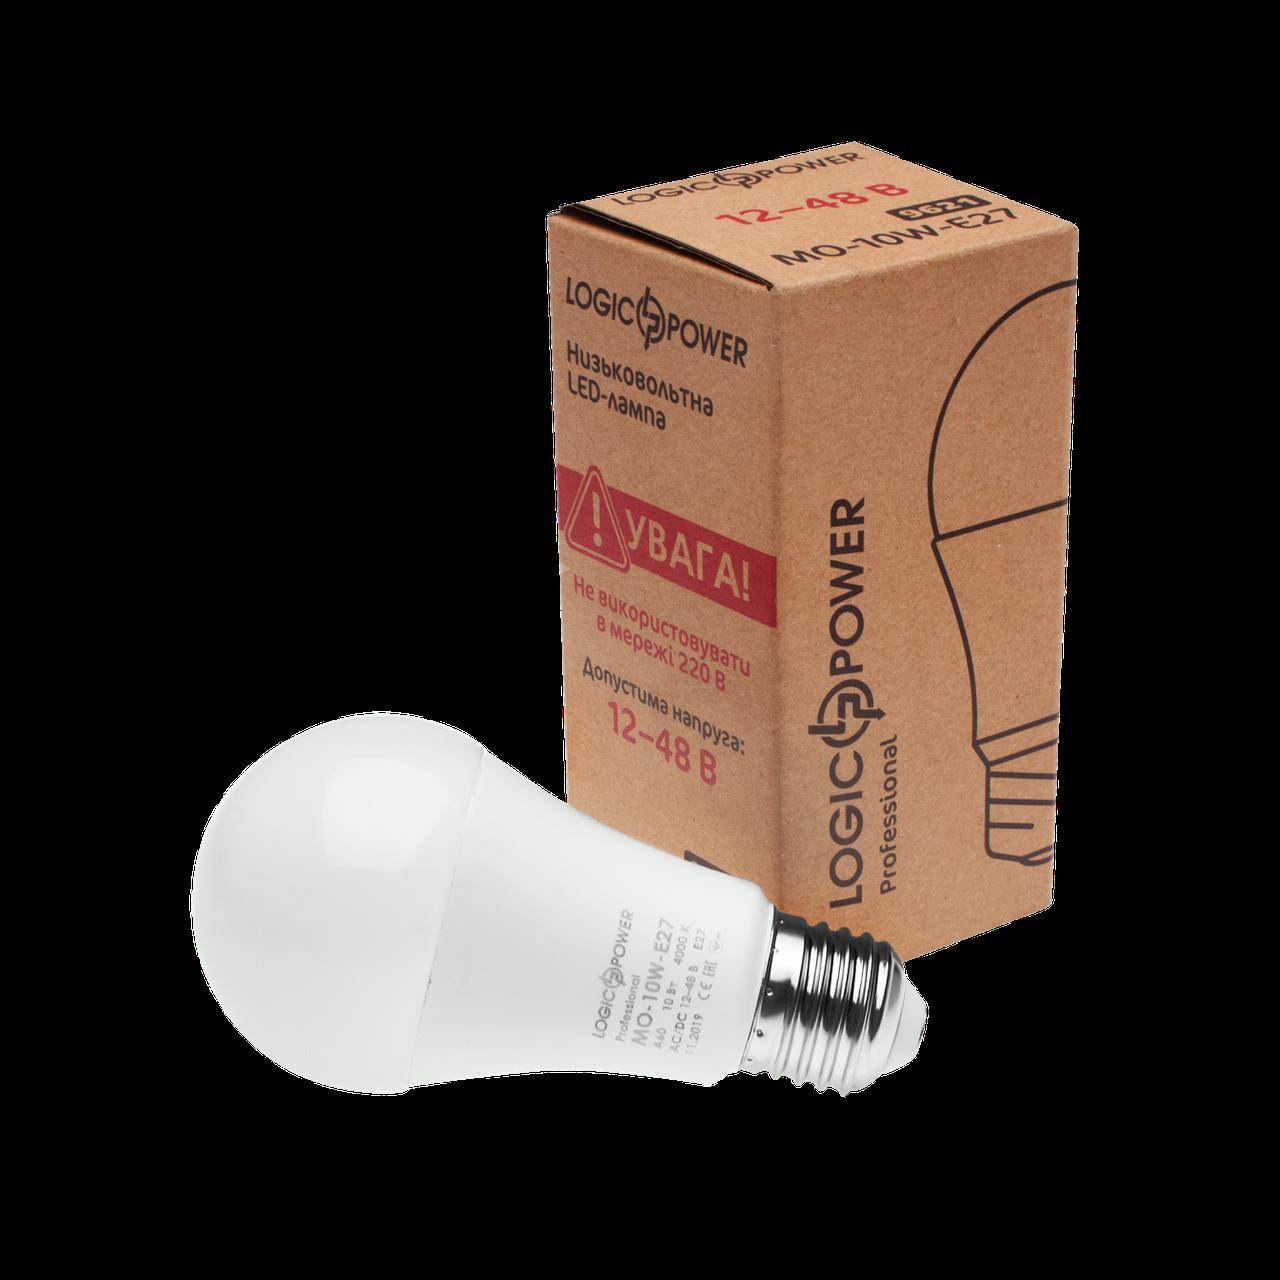 Освітлення LogicPower